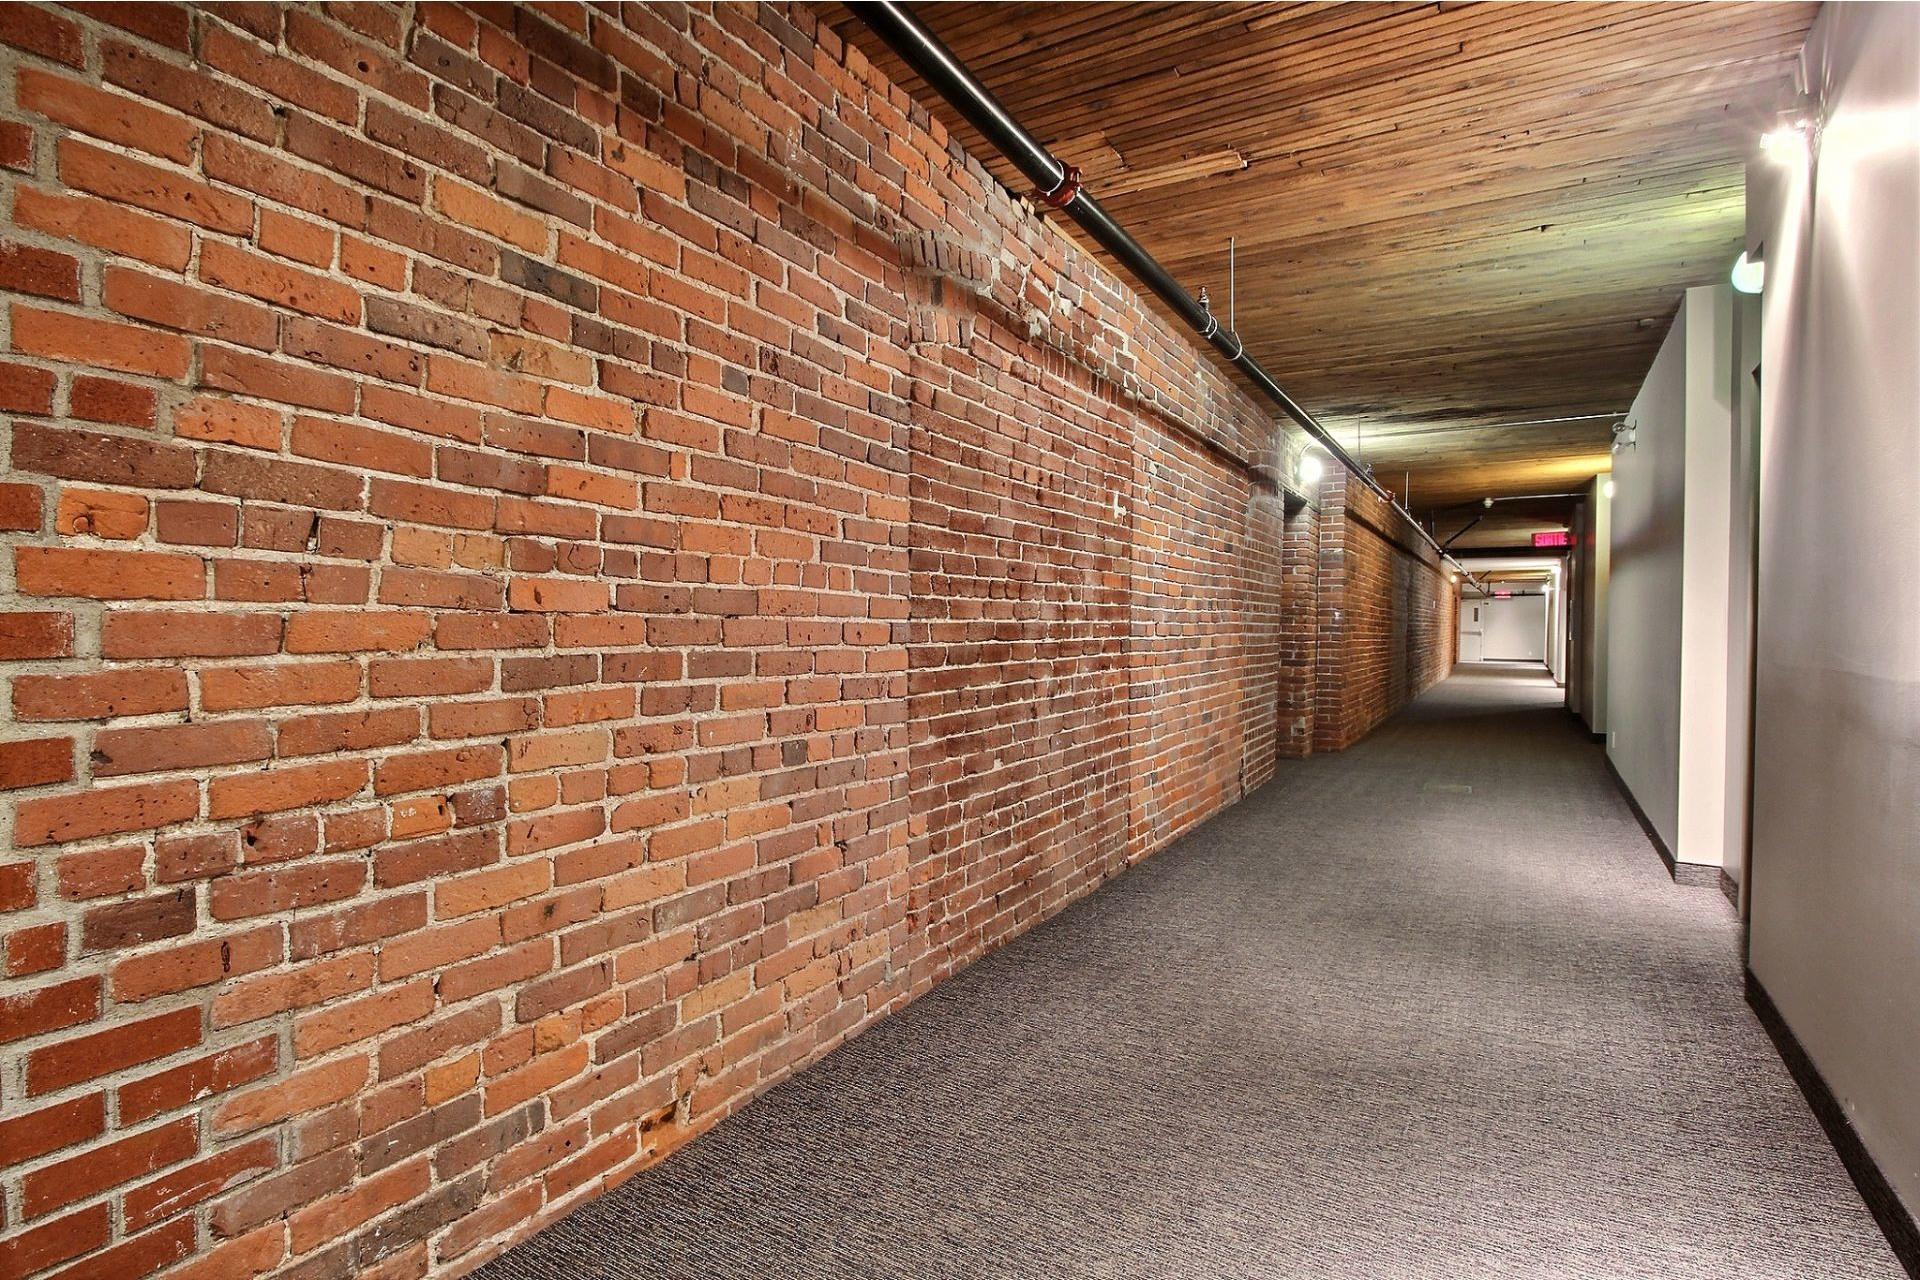 image 14 - Apartment For rent Montréal Mercier/Hochelaga-Maisonneuve  - 5 rooms